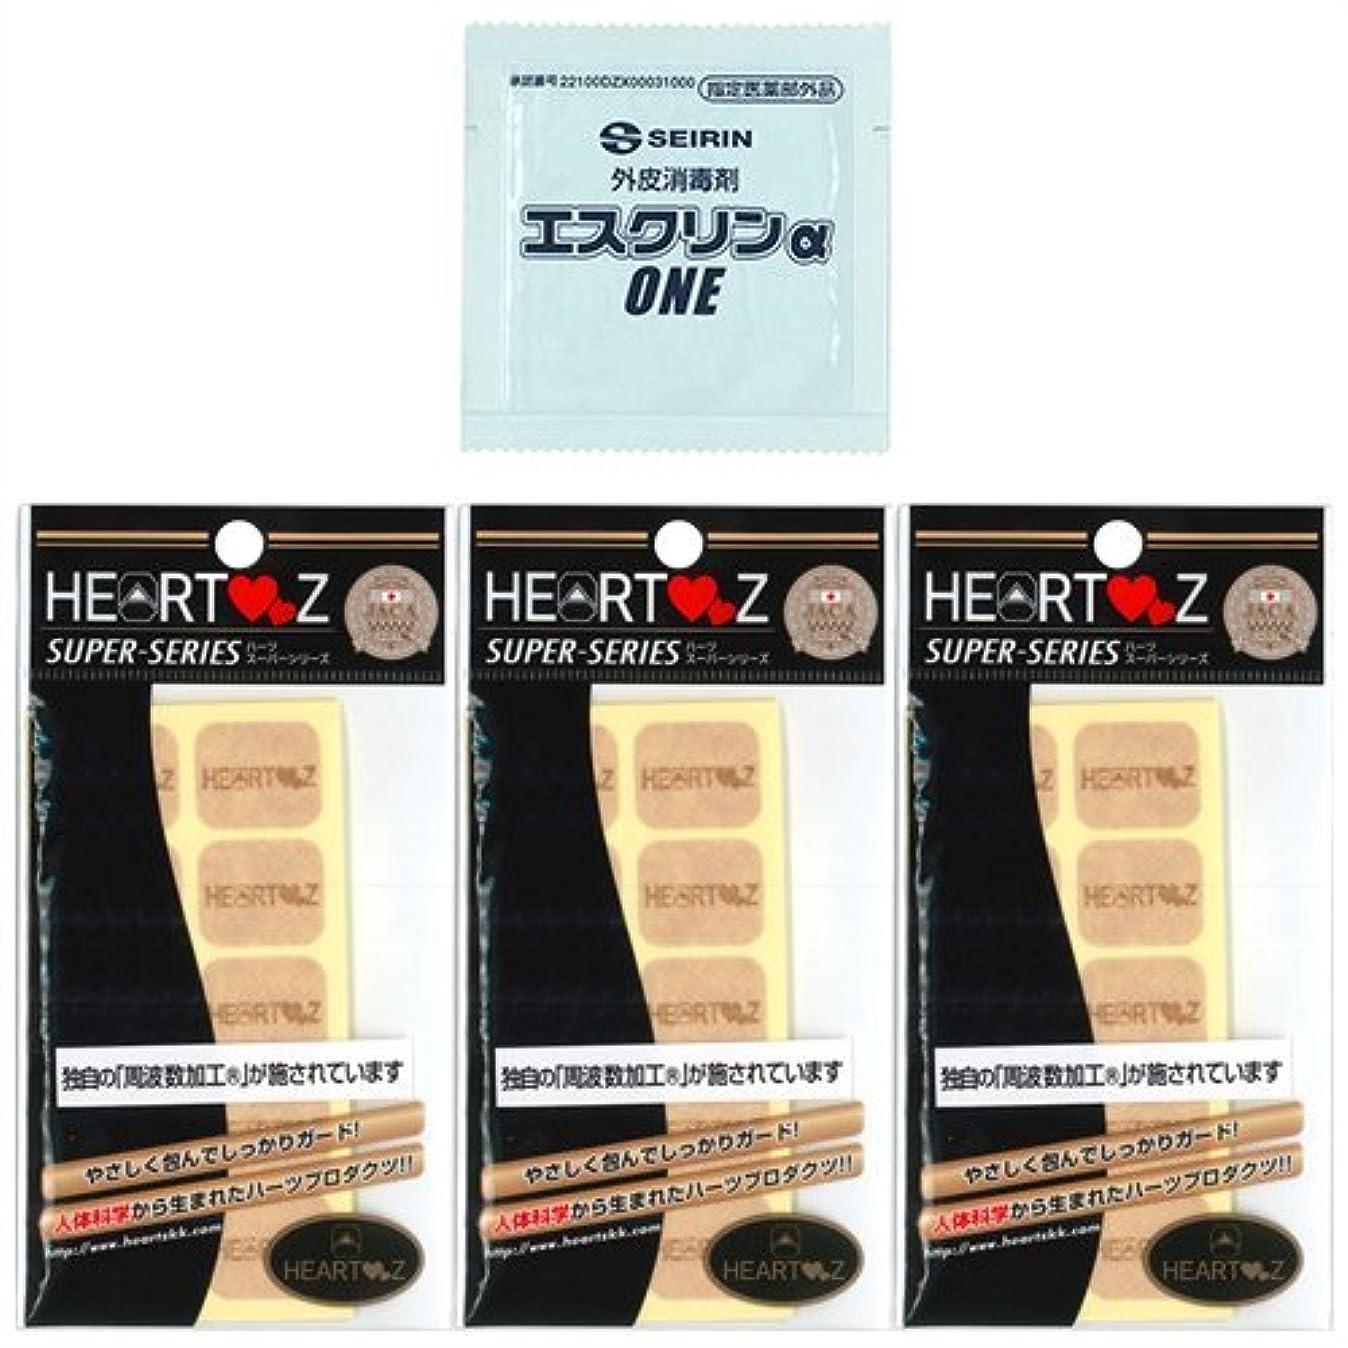 帝国主義氷服を着る【HEARTZ(ハーツ)】ハーツスーパーシール レギュラータイプ 80枚入×3個セット (計240枚) + エスクリンαONEx1個 セット